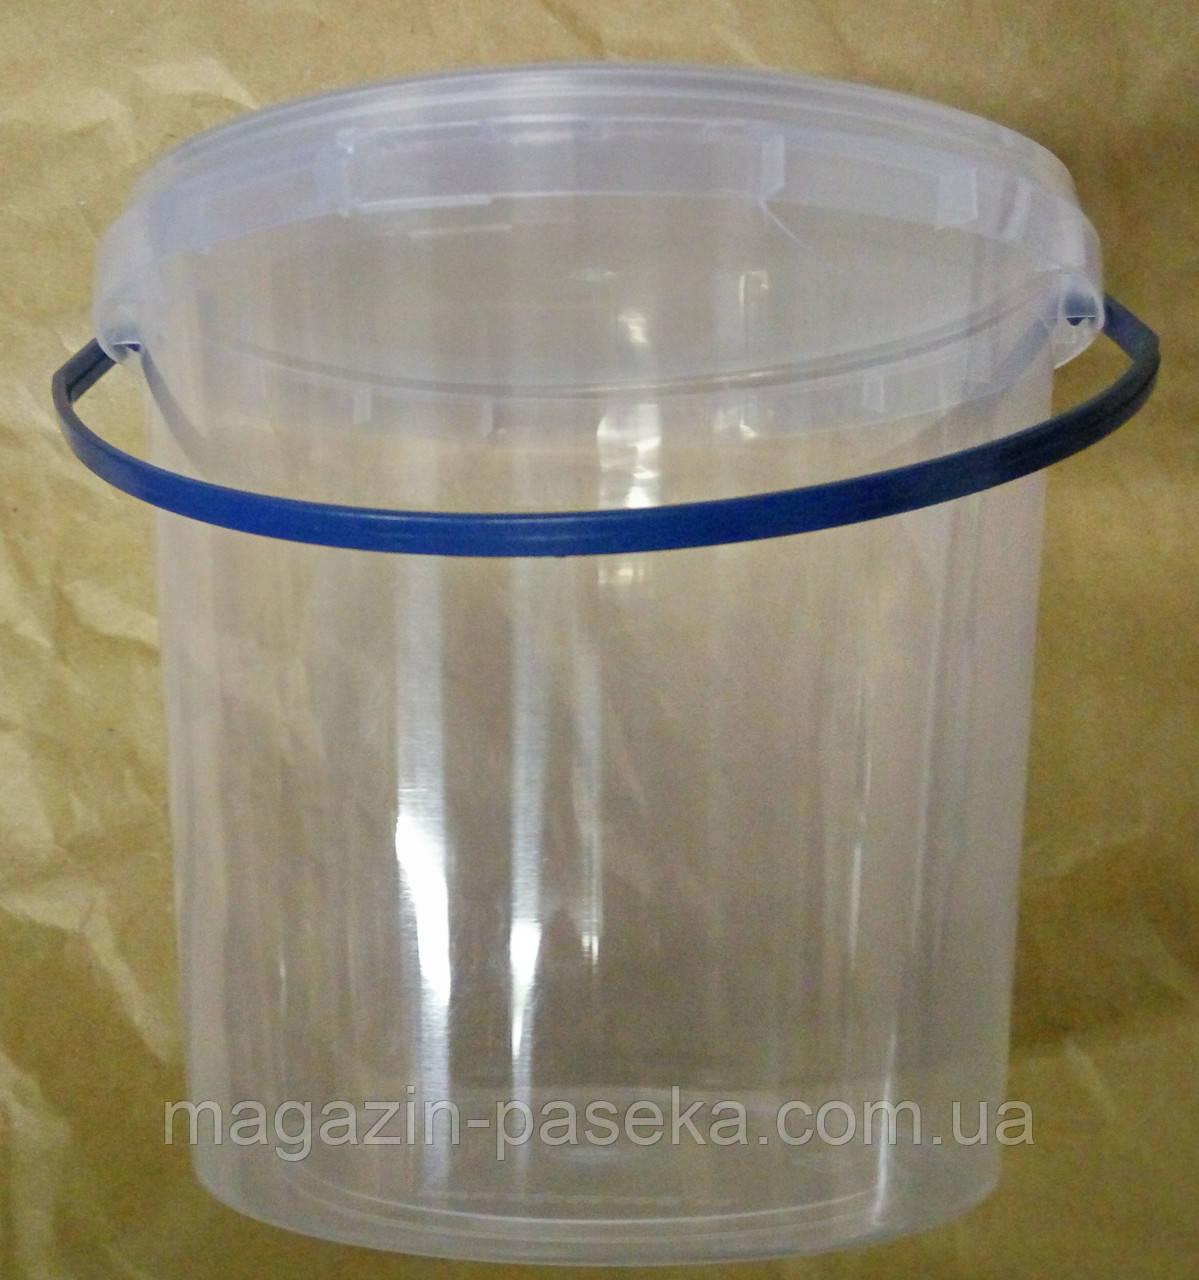 Пластиковое ведро для мёда 1,0 л